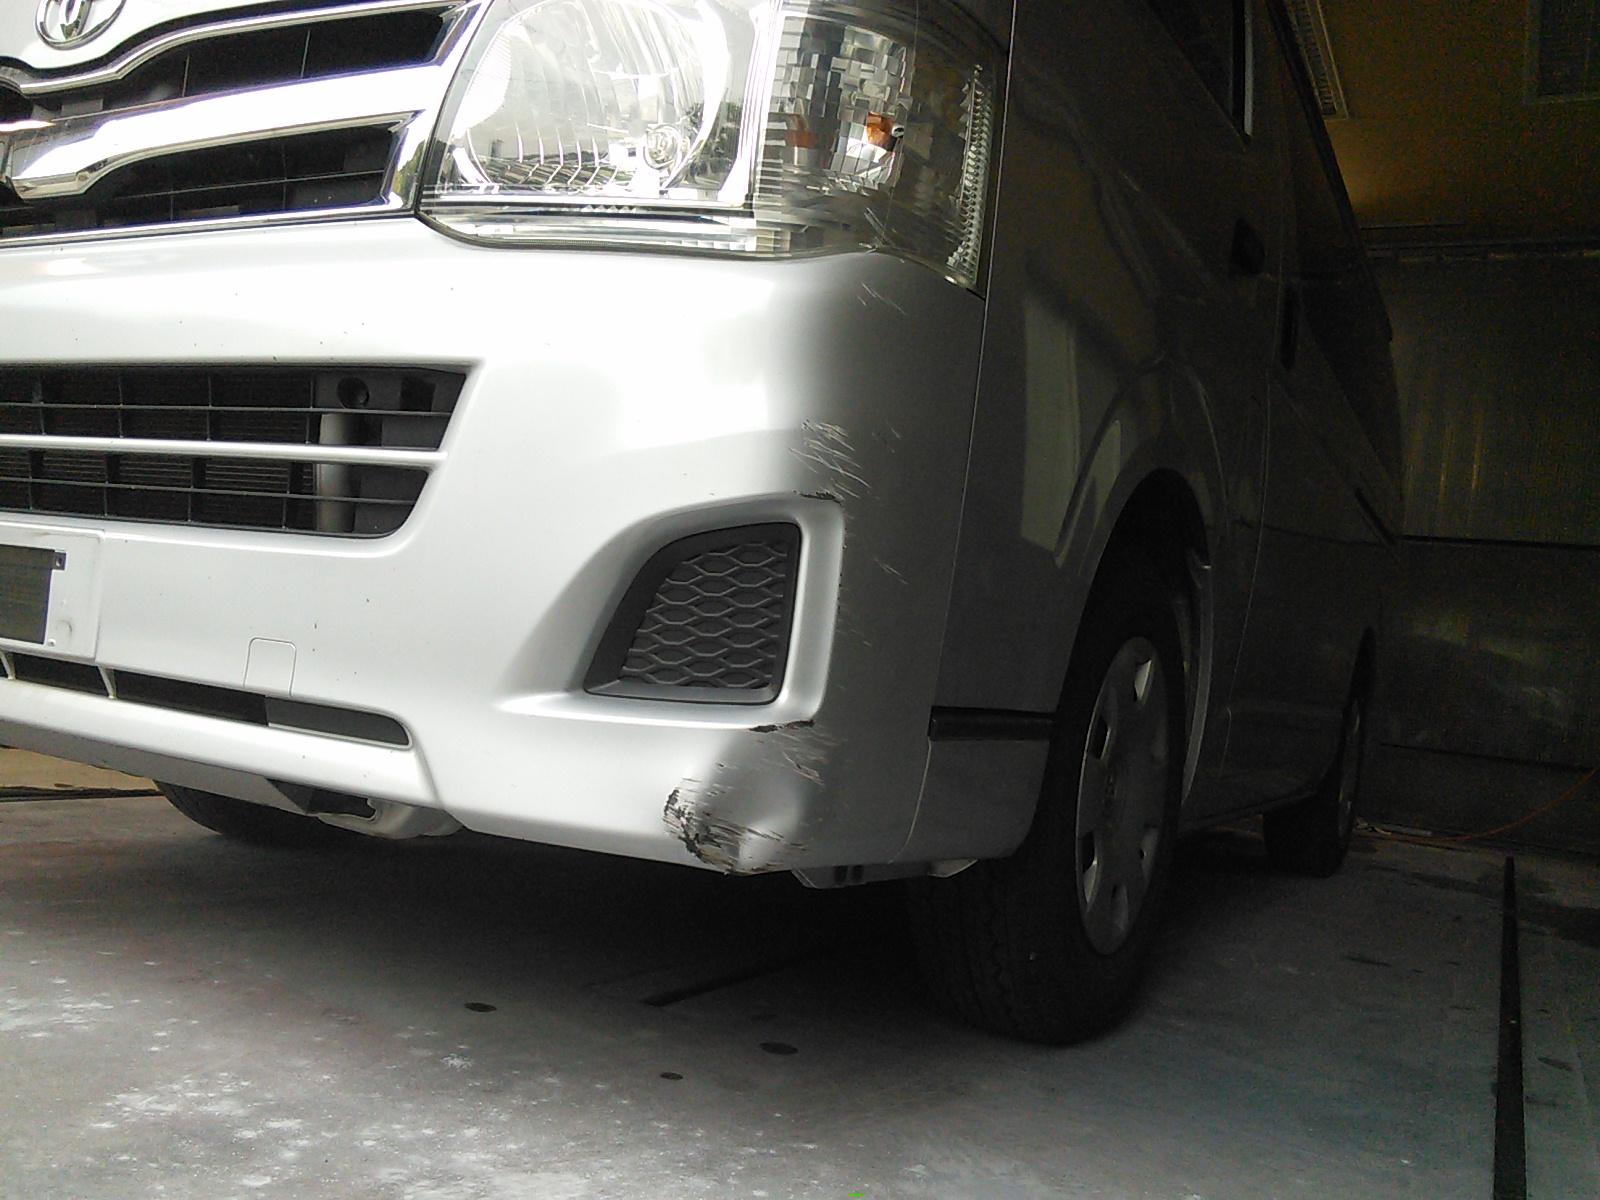 ハイエース  フロントバンパー修理  豊田市  板金塗装